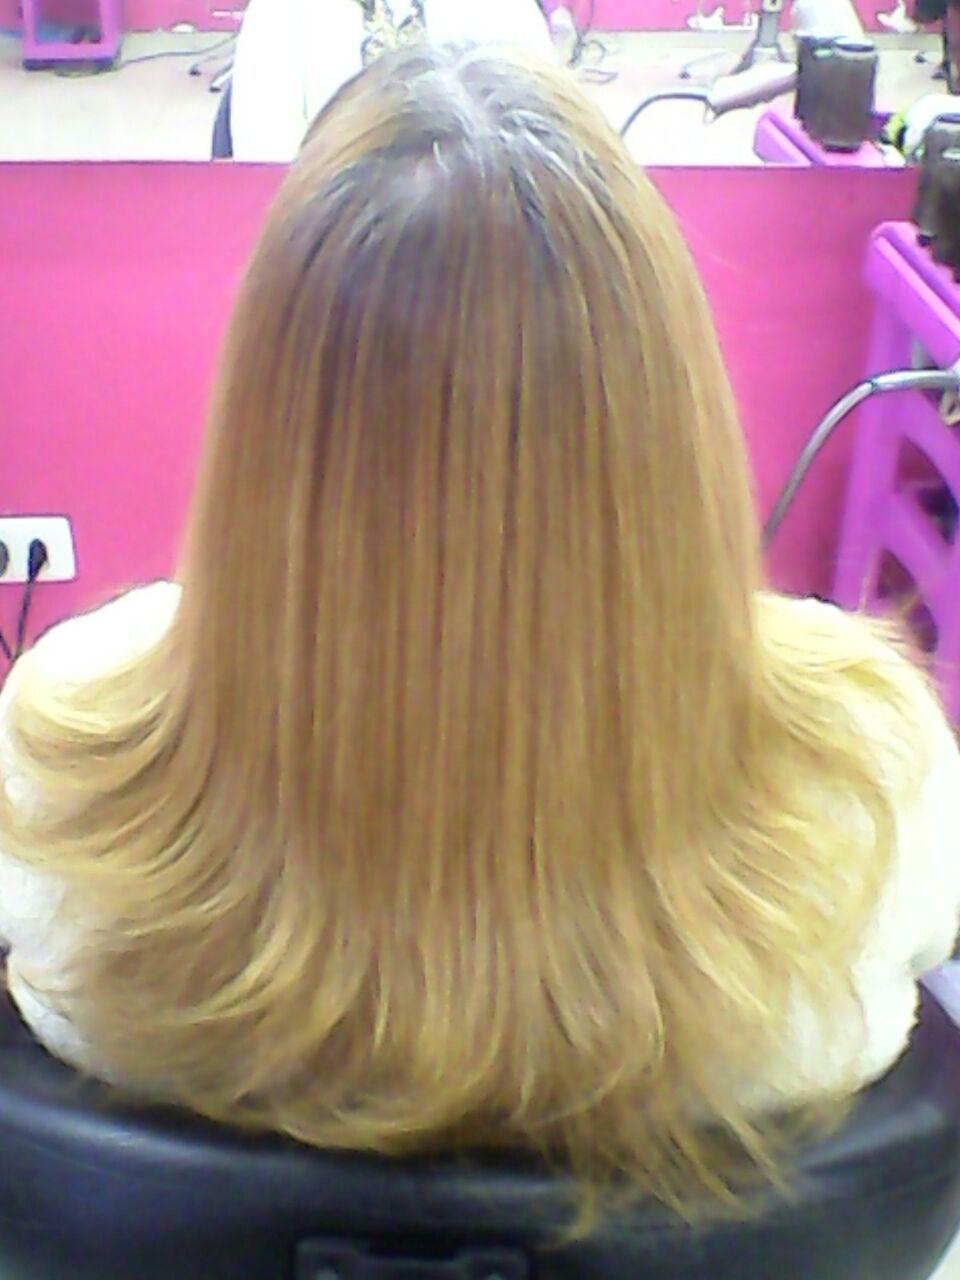 #Progressiva #Perfect;) #Amooquefaço cabelo auxiliar cabeleireiro(a) cabeleireiro(a)